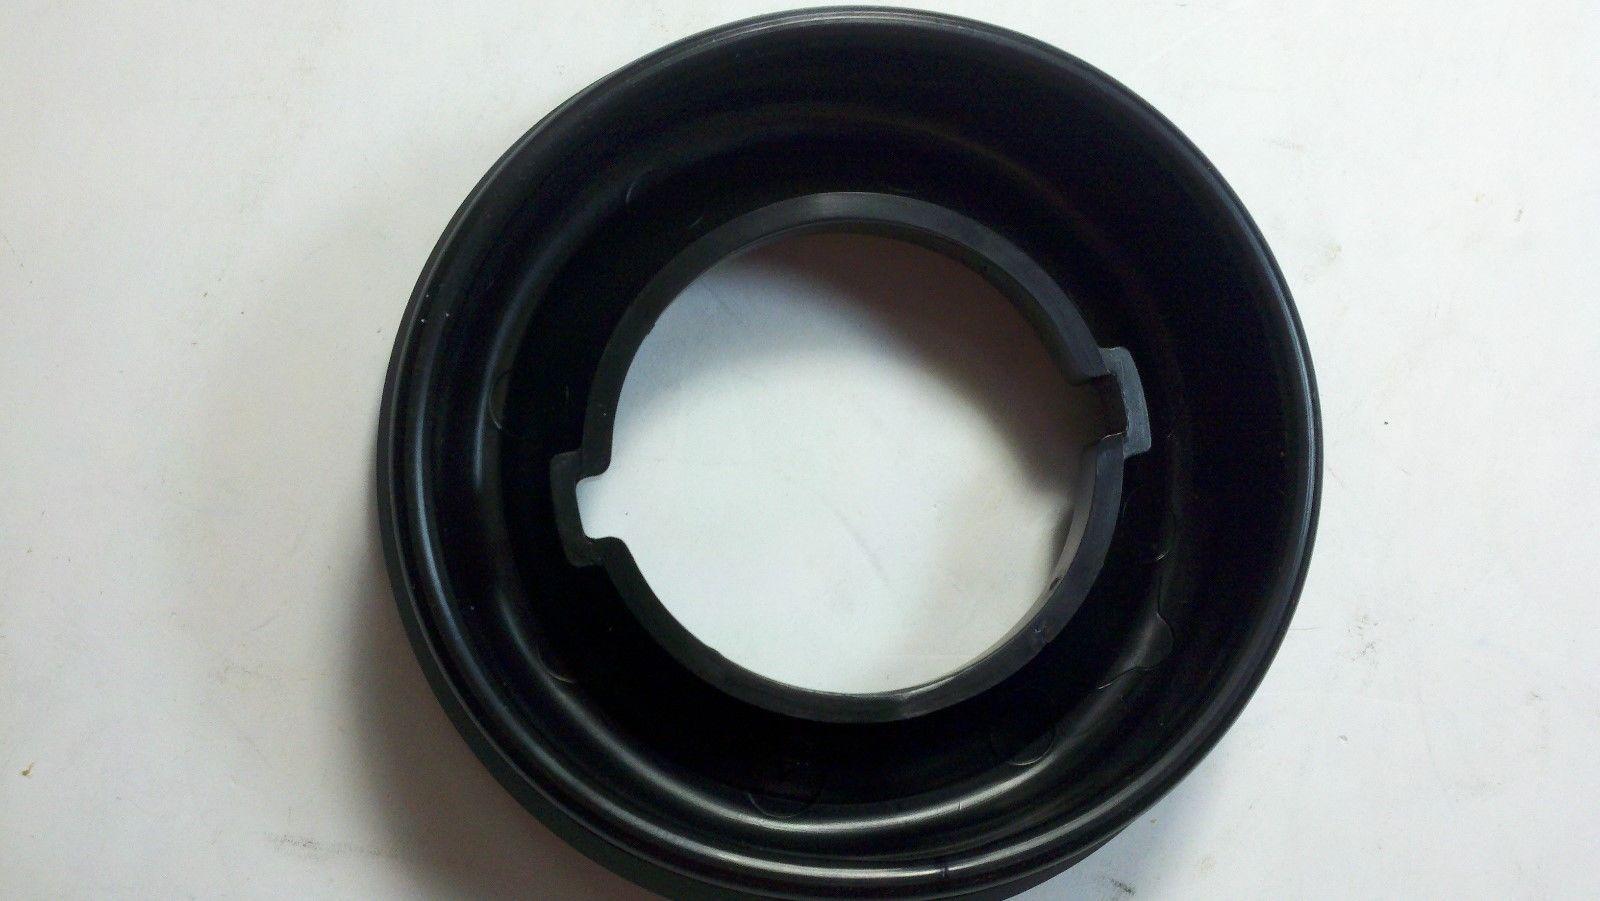 Waring Blender Plastic Lid Cover Black 026281 Brand New